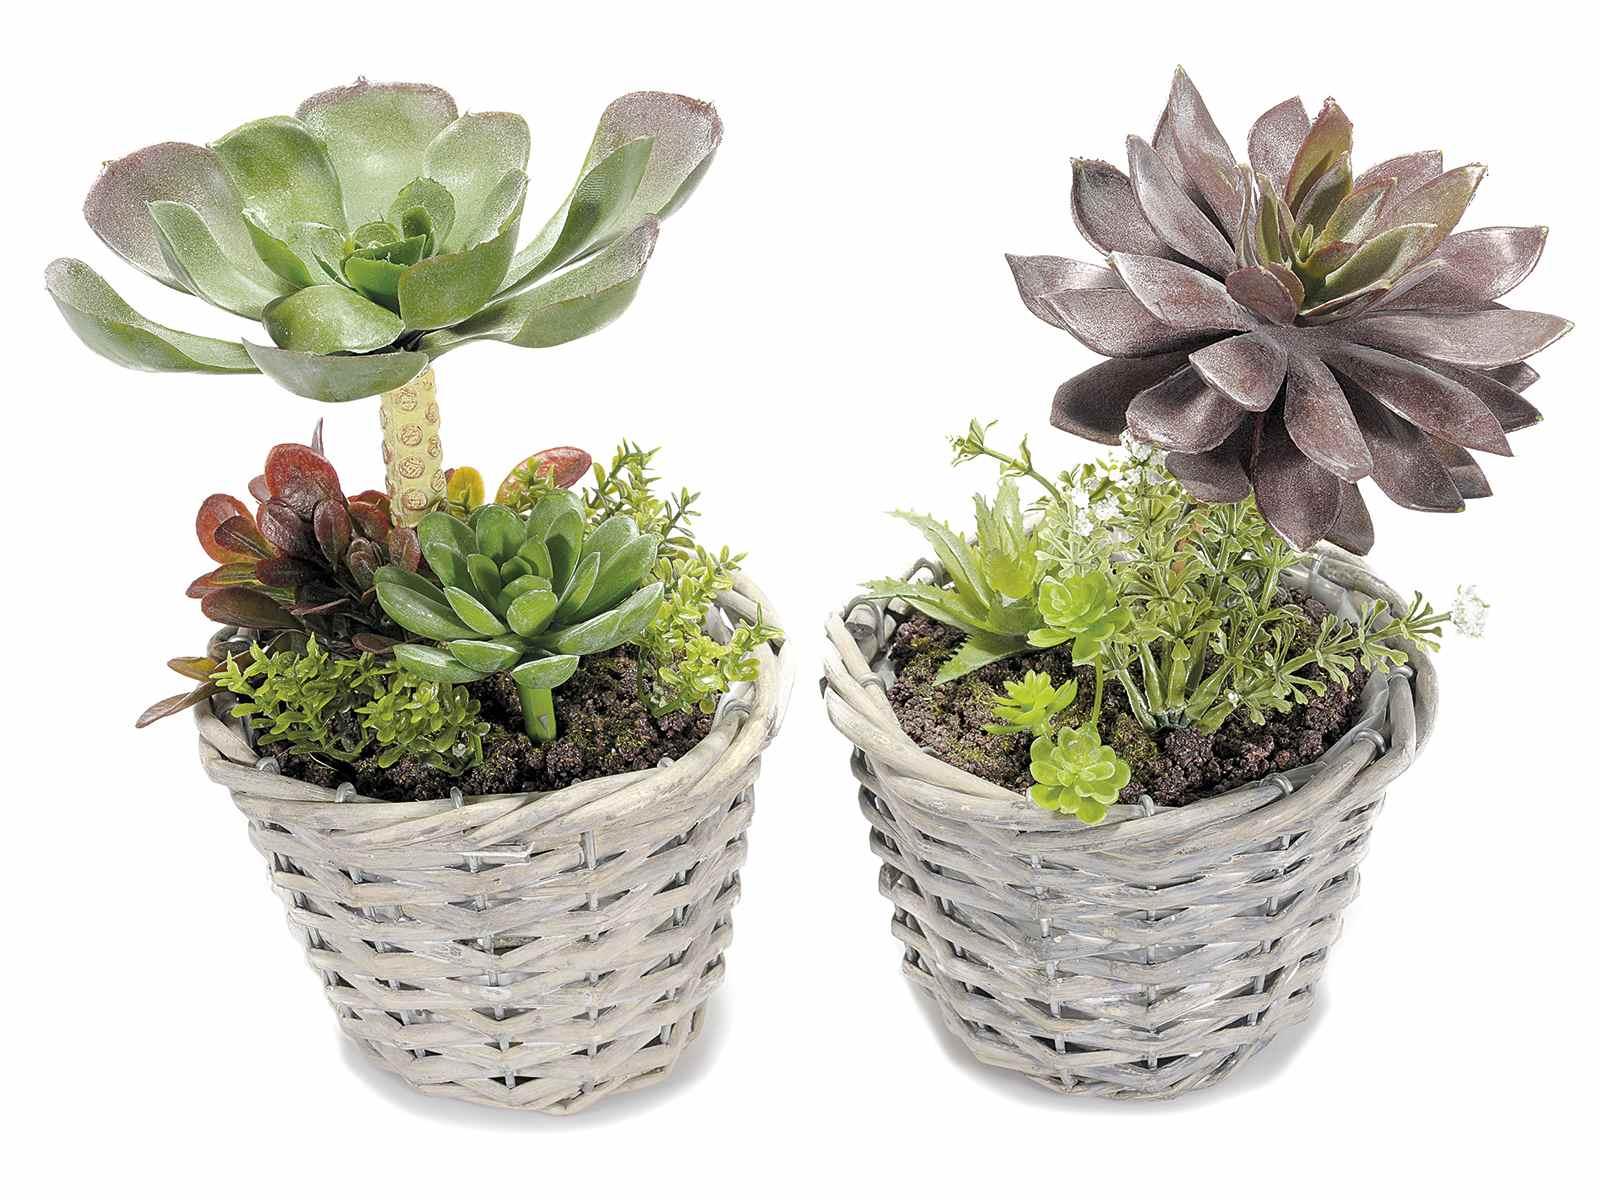 piante grasse artificiali decorative in vaso di rattan 2pz